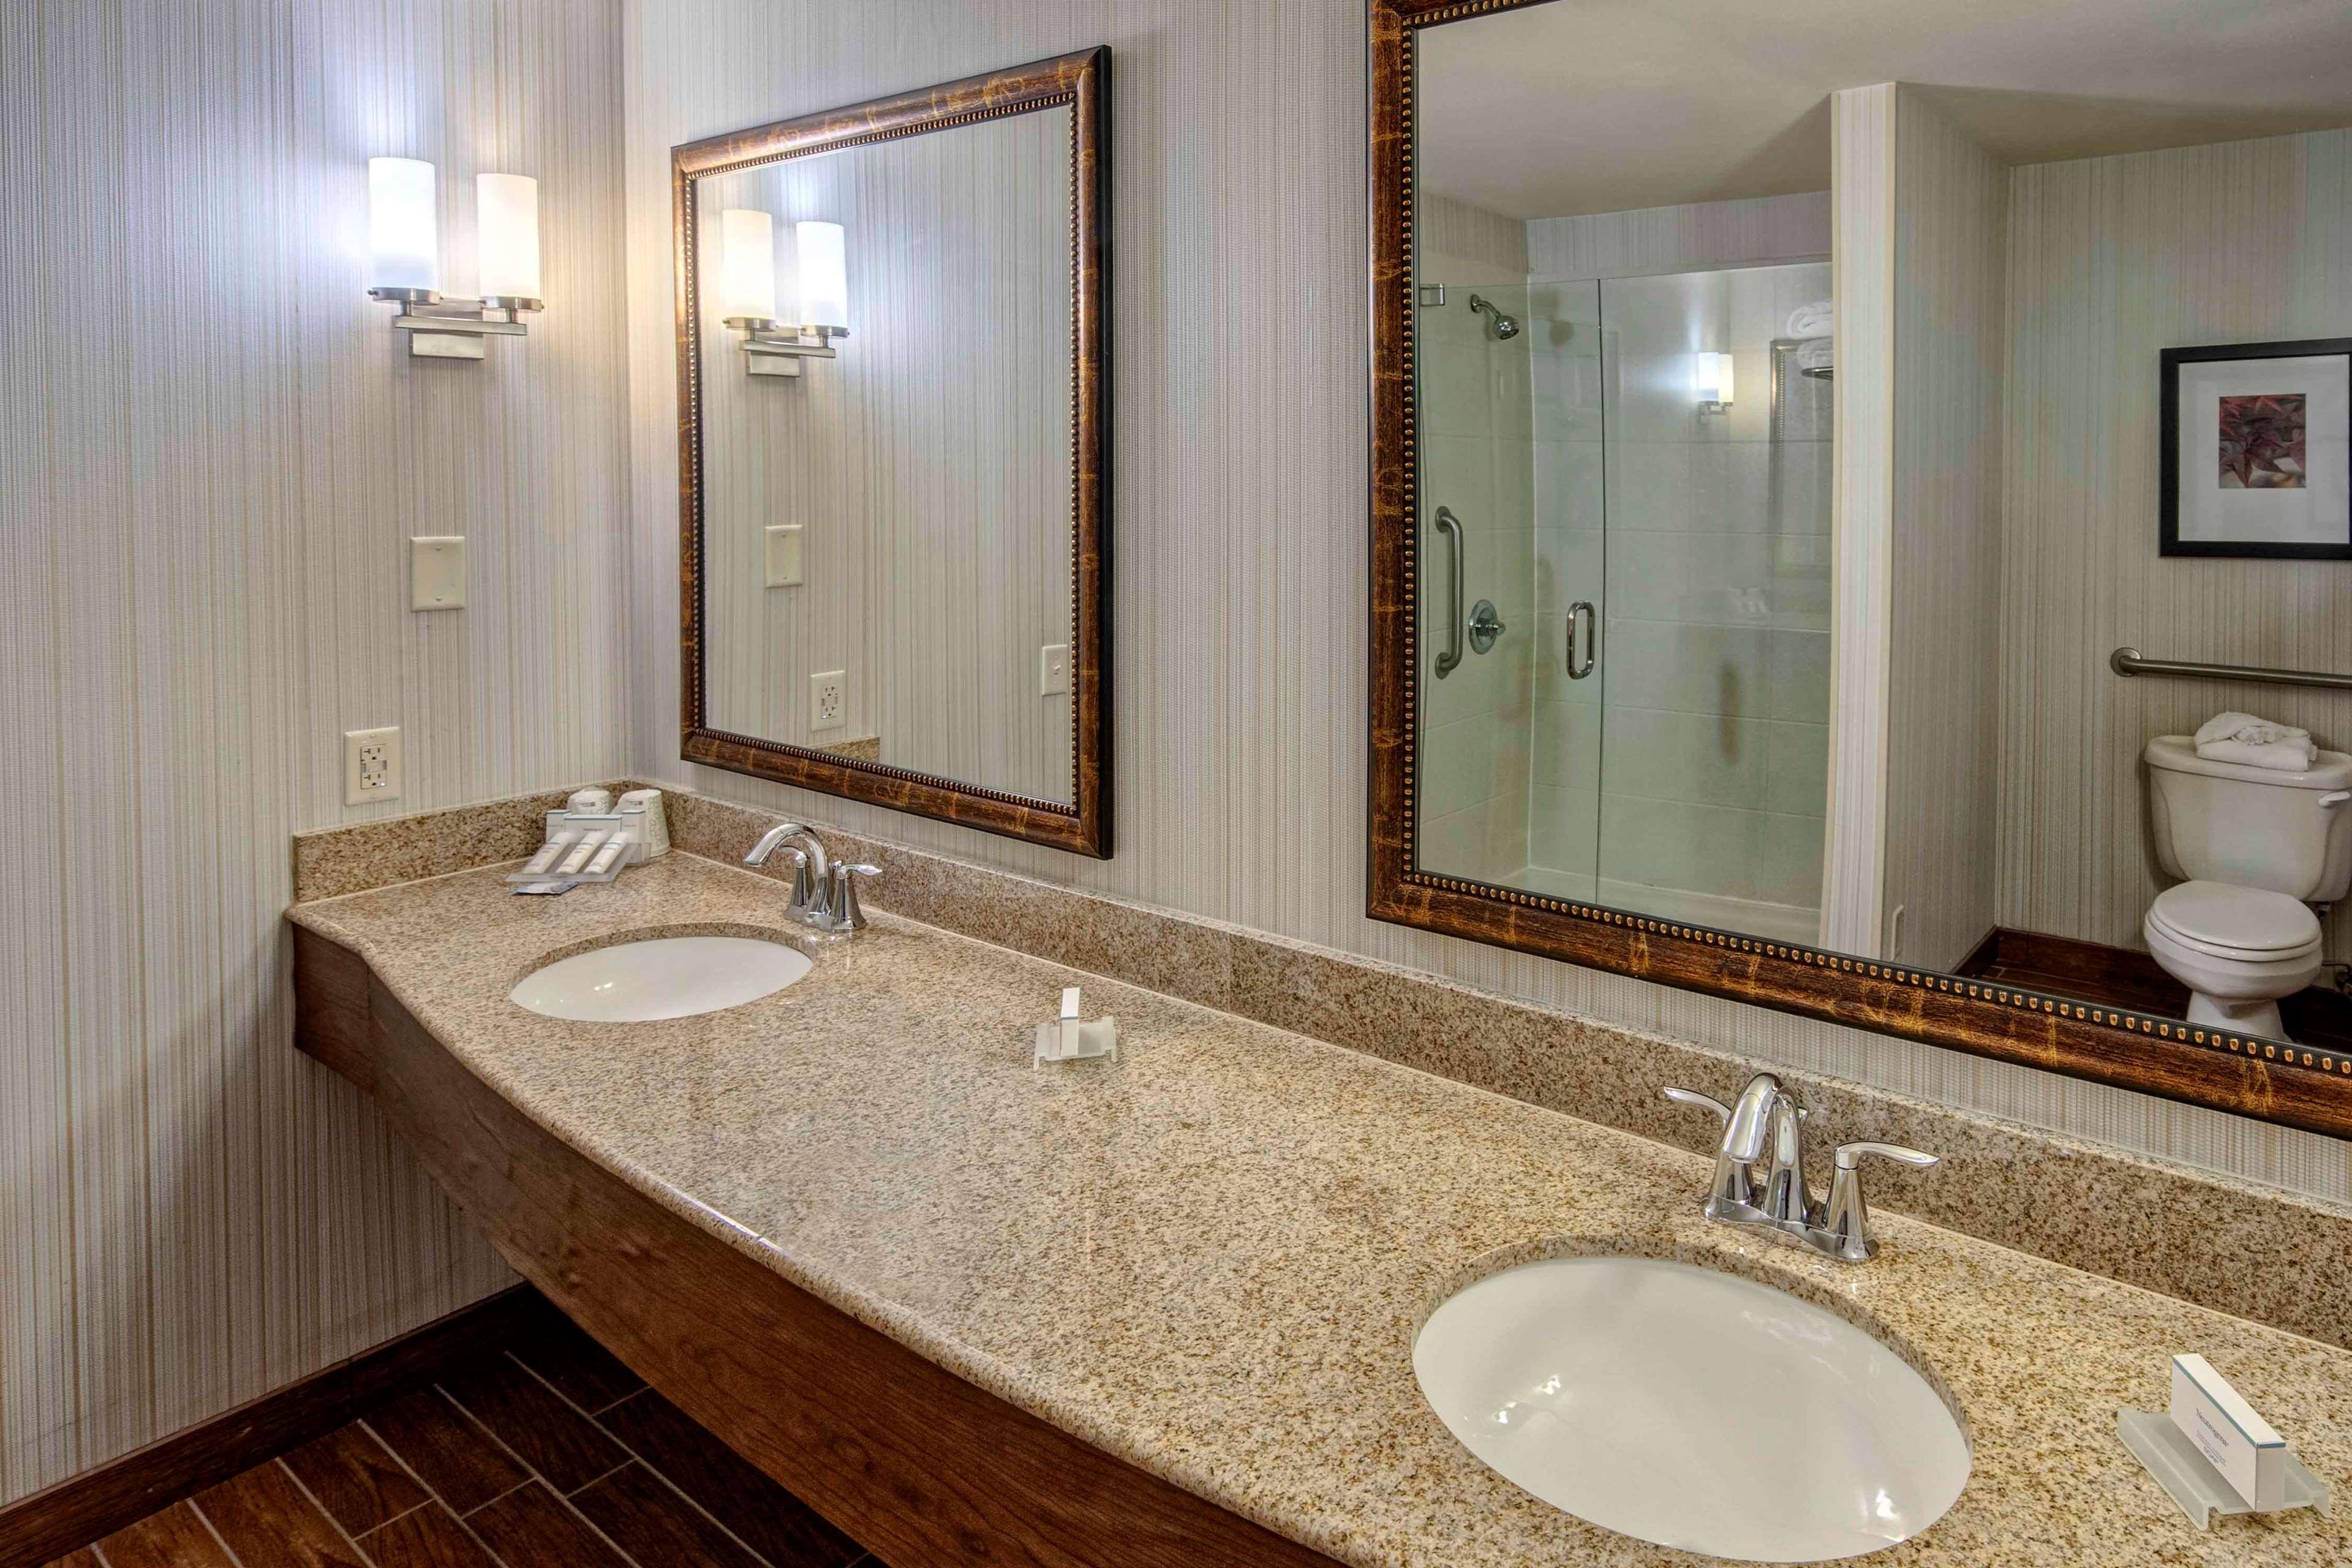 Hilton Garden Inn Minneapolis/Eden Prairie image 23